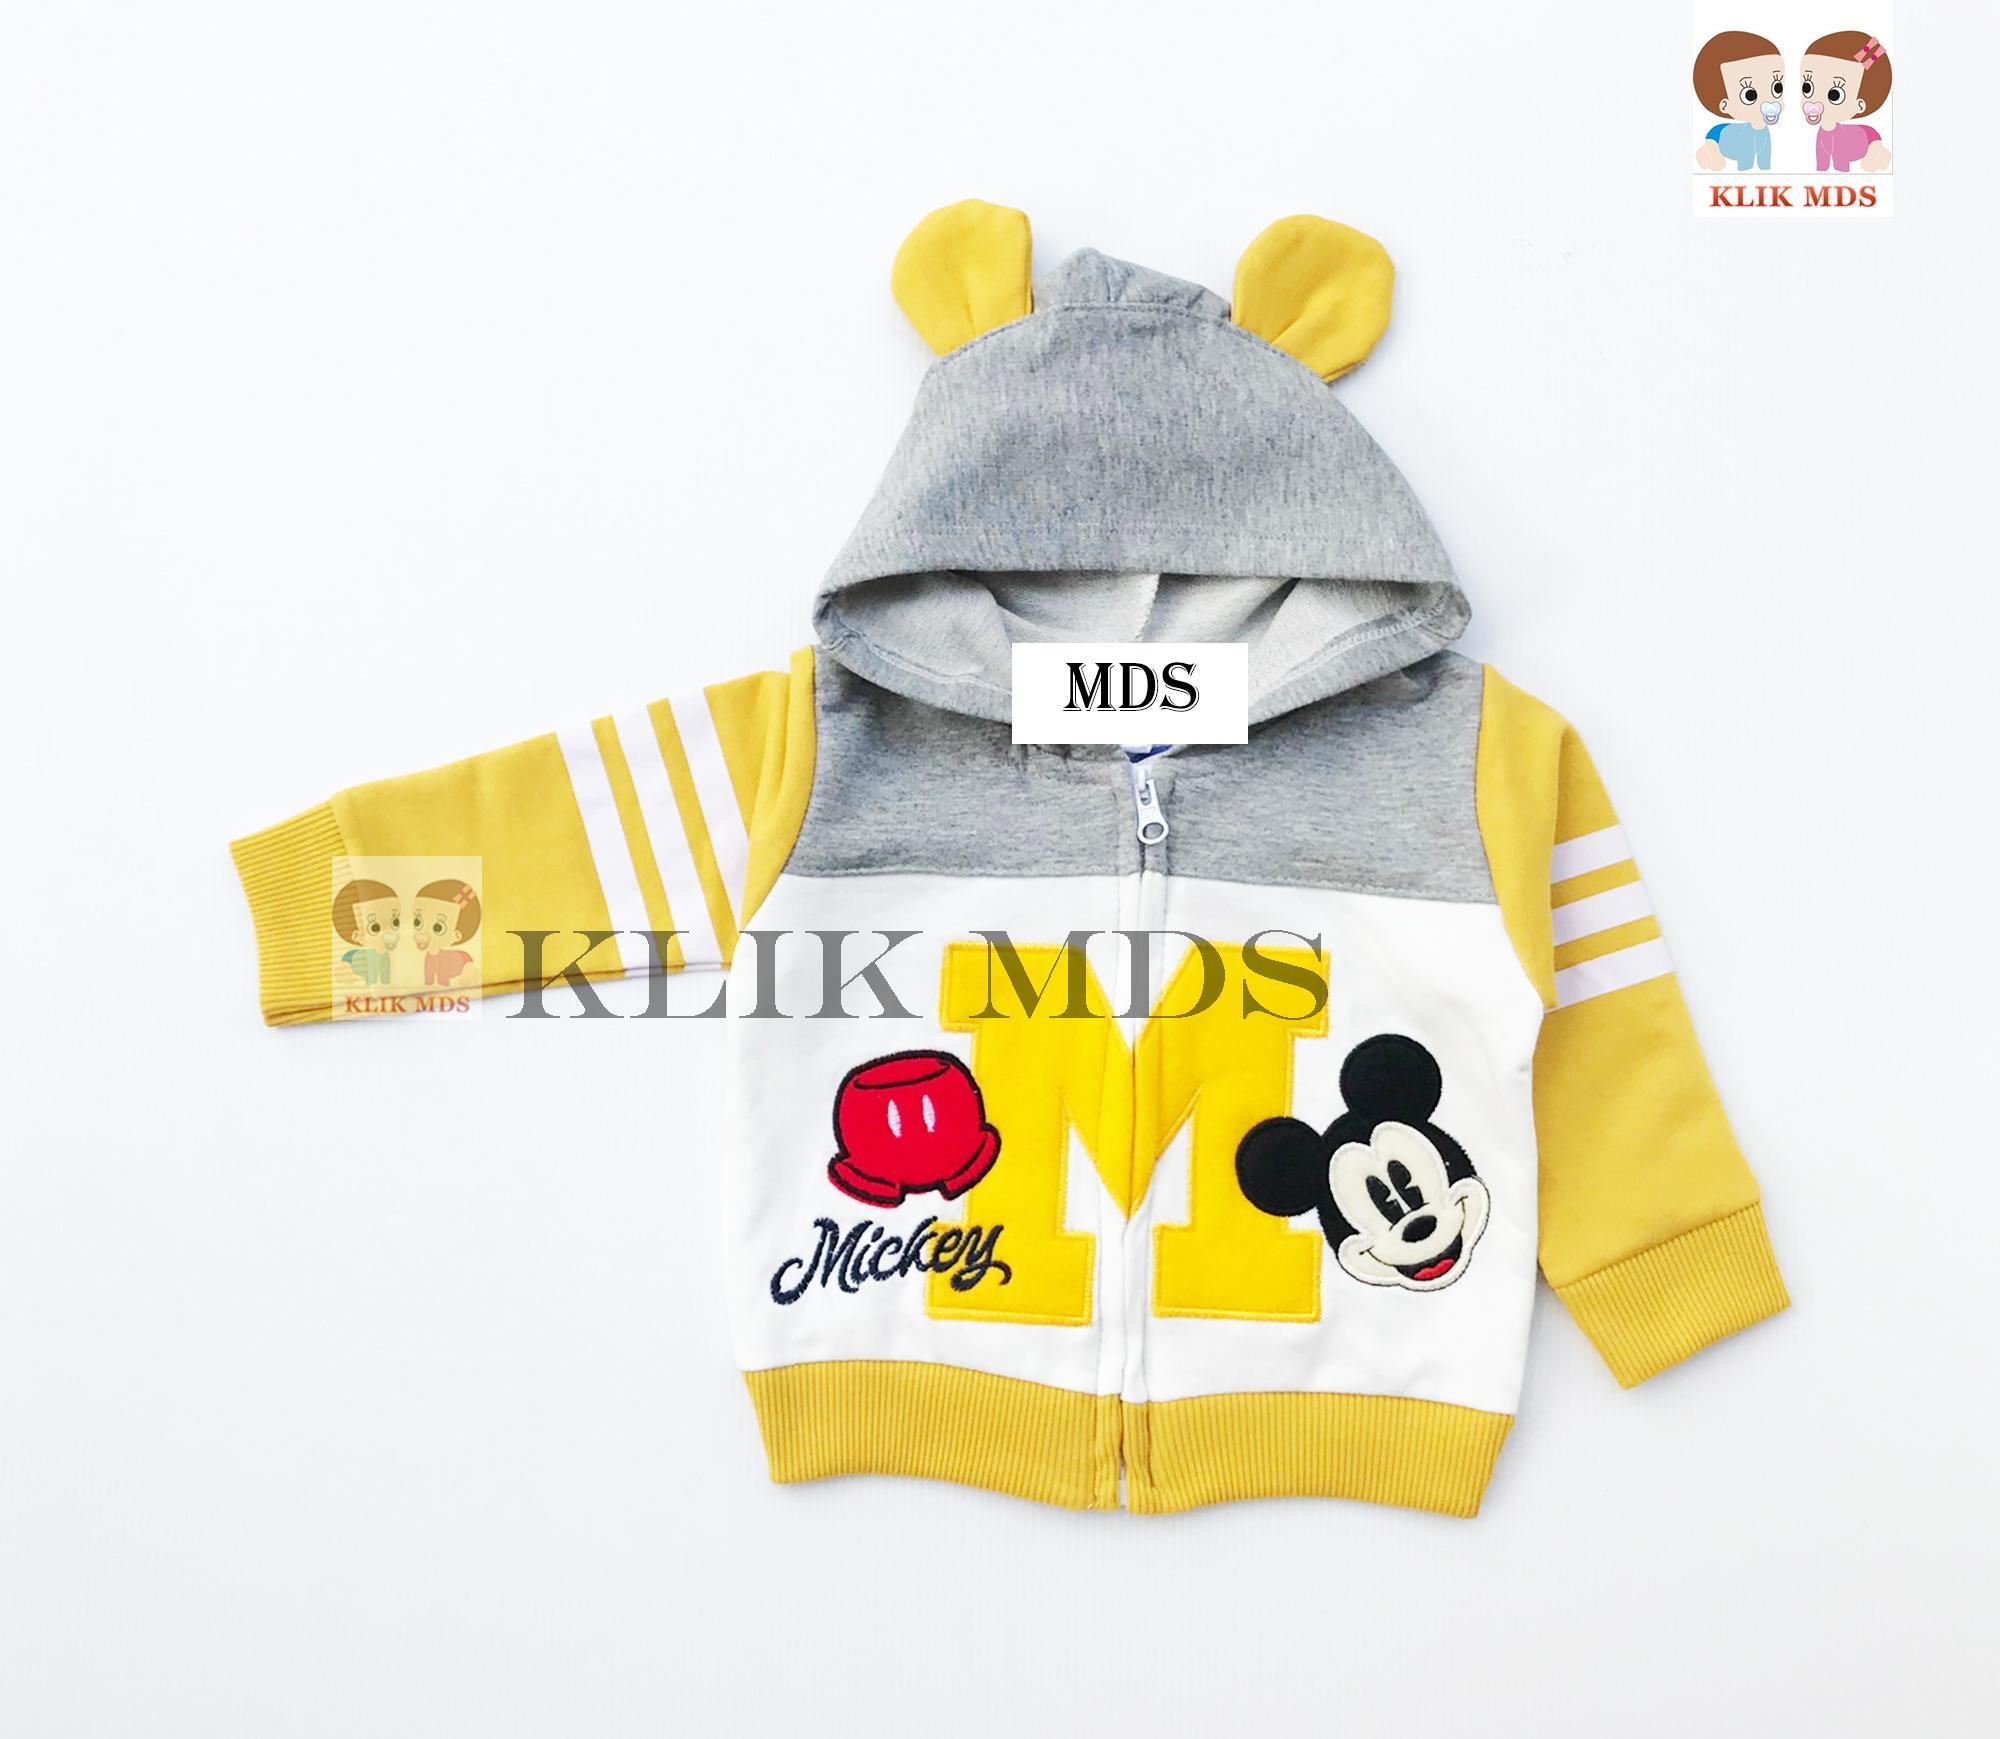 Klik Mds Baju Anak Bayi Atasan Jaket Hoodie Logo M / 1 Ukuran / All Size By Klik Mds.